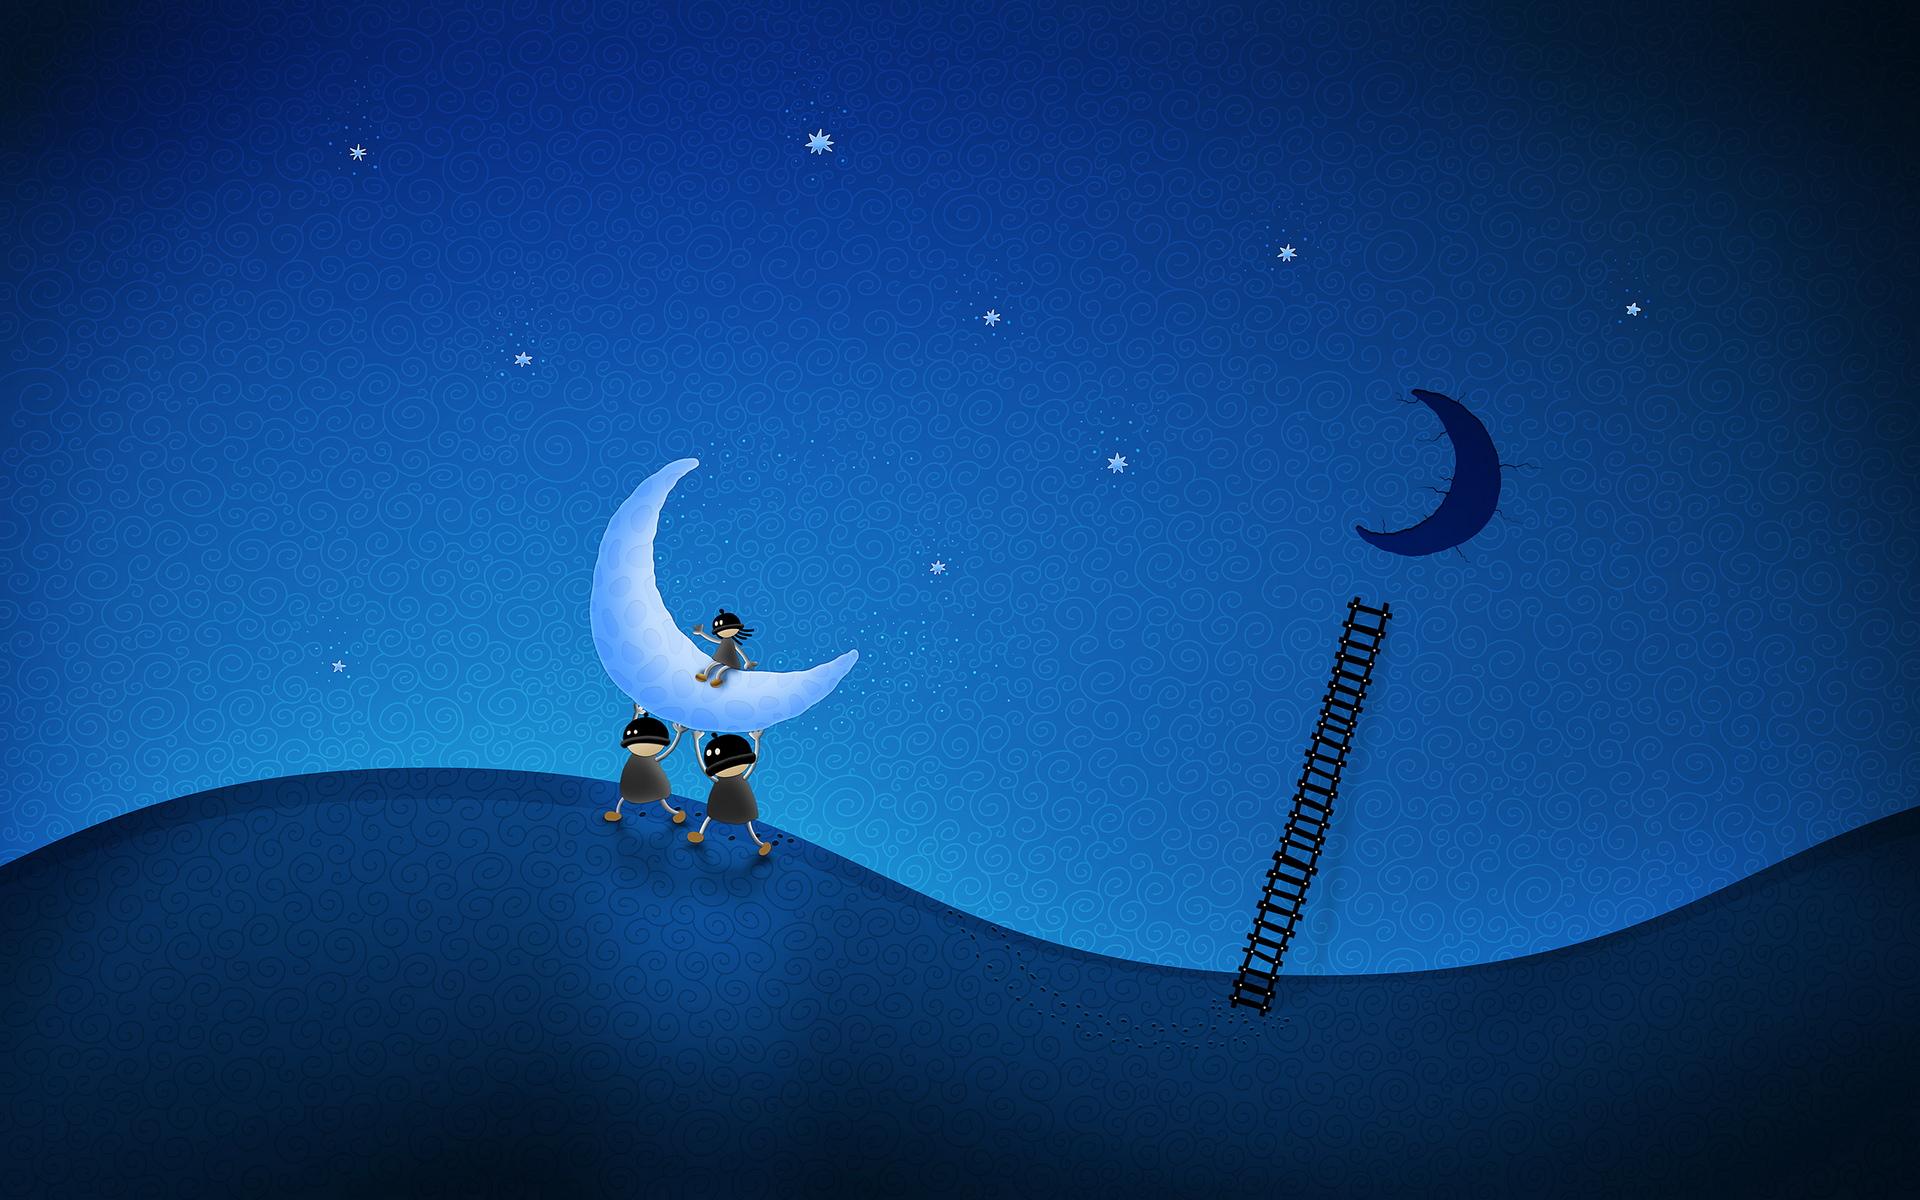 Cute night wallpaper